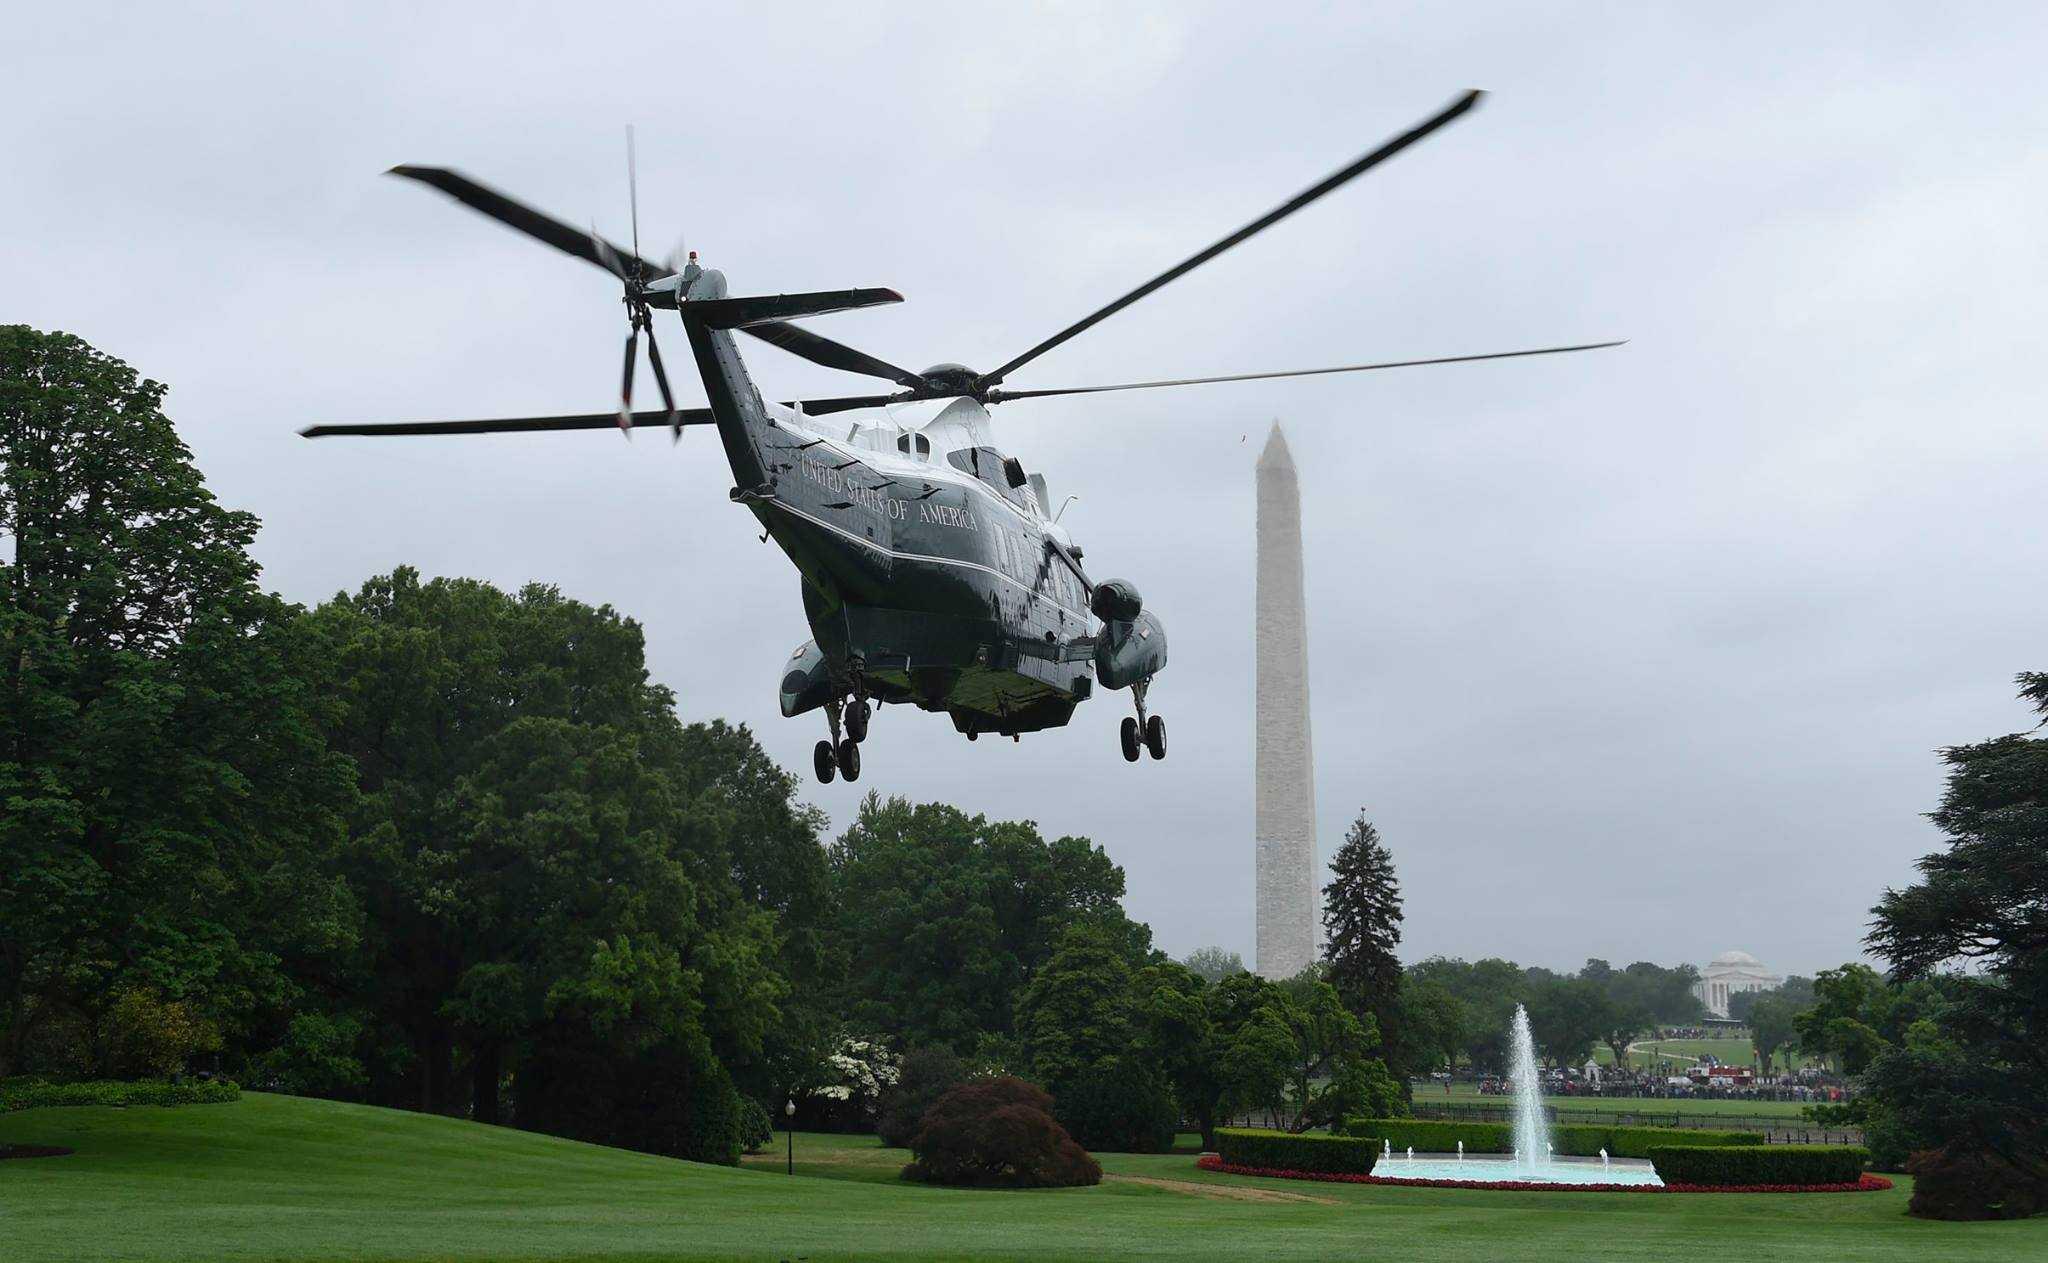 Chiếc trực thăng Marine One chở Tổng thống Obama rời khuôn viên Nhà Trắng để bay tới Căn cứ Không quân Andrews